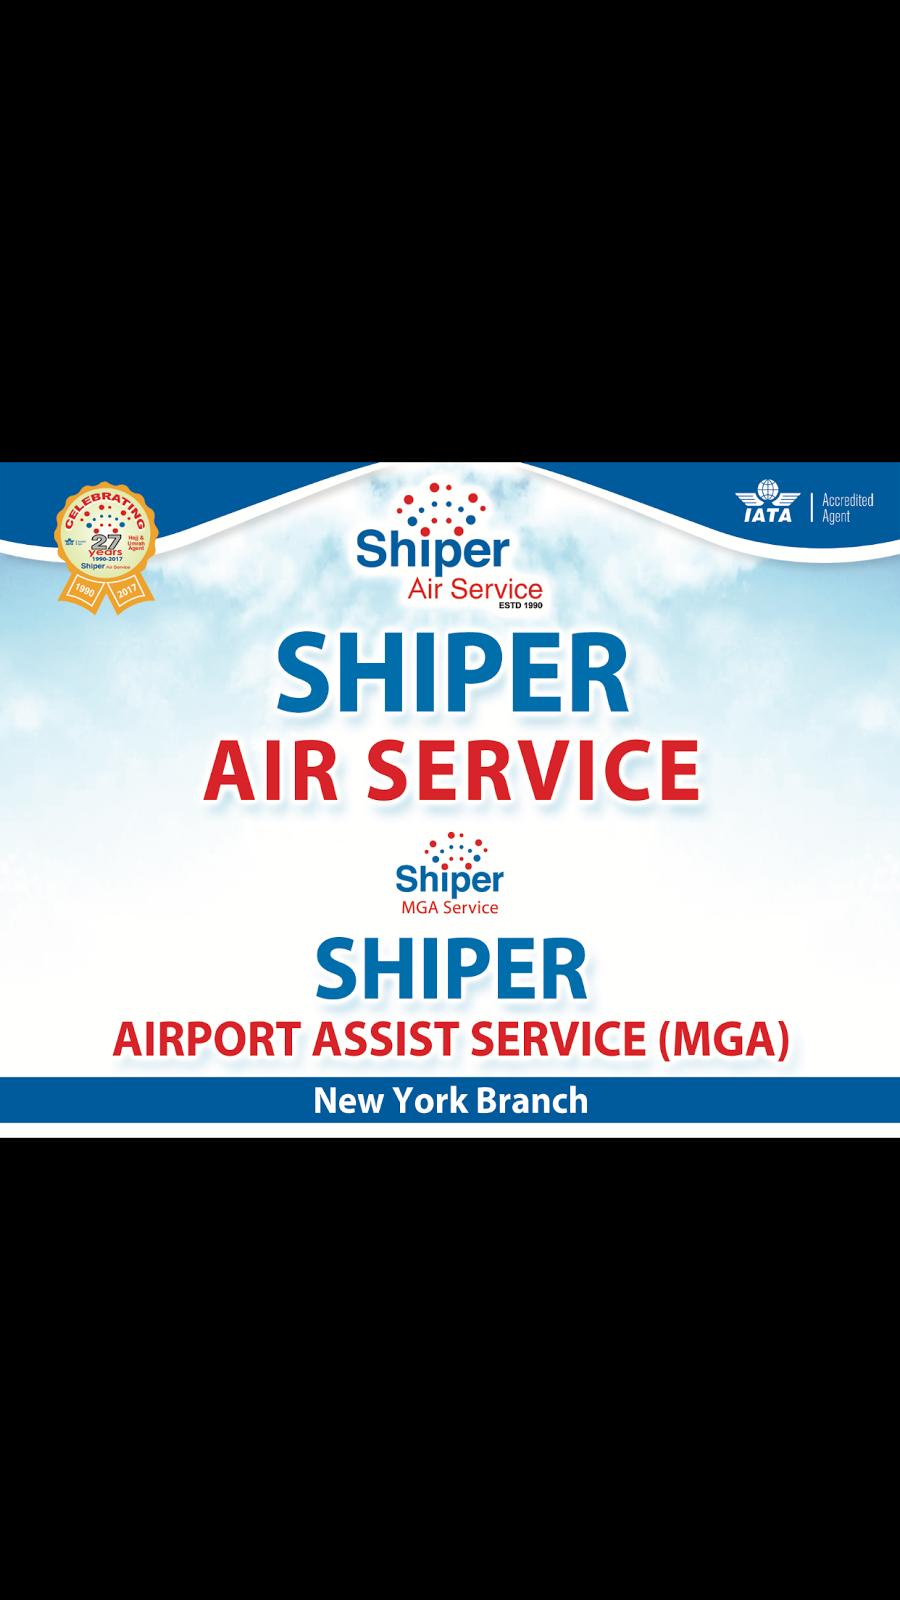 Shiper Air Service - travel agency  | Photo 8 of 8 | Address: 29-05 36th Ave, Astoria, NY 11106, USA | Phone: (718) 361-0510